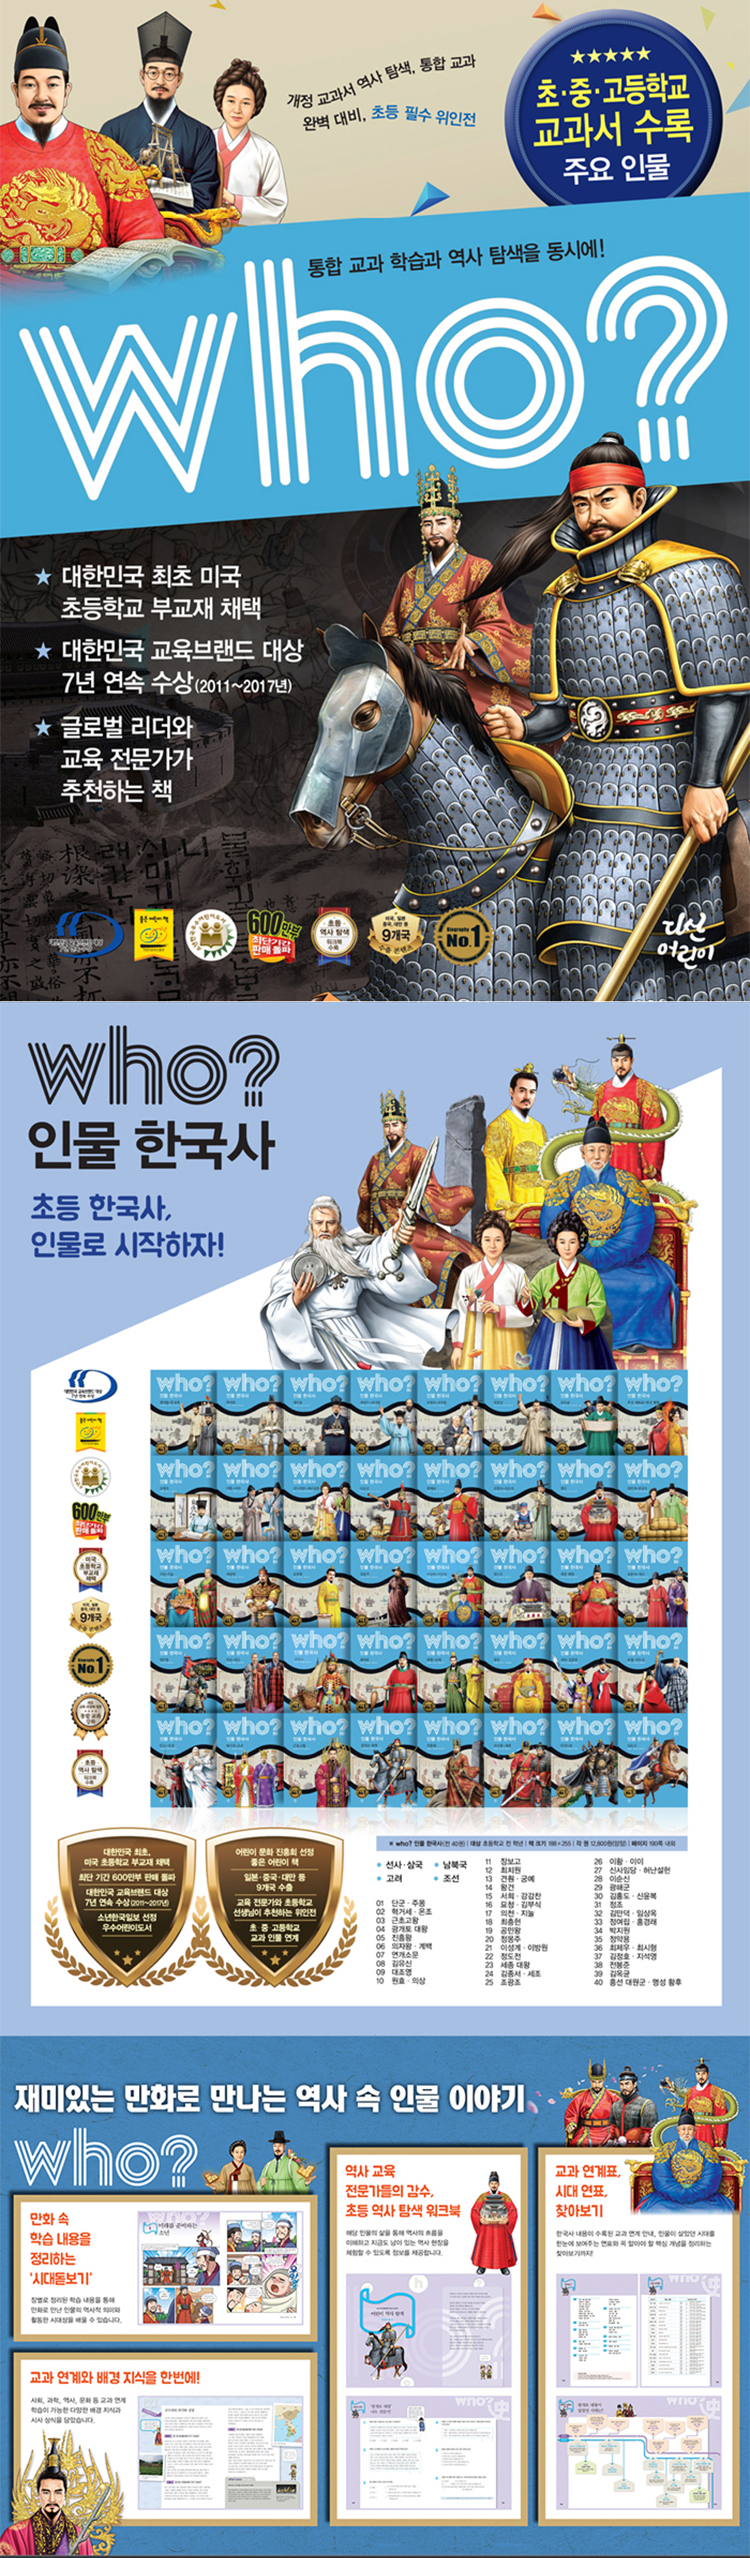 한국사 관련 책